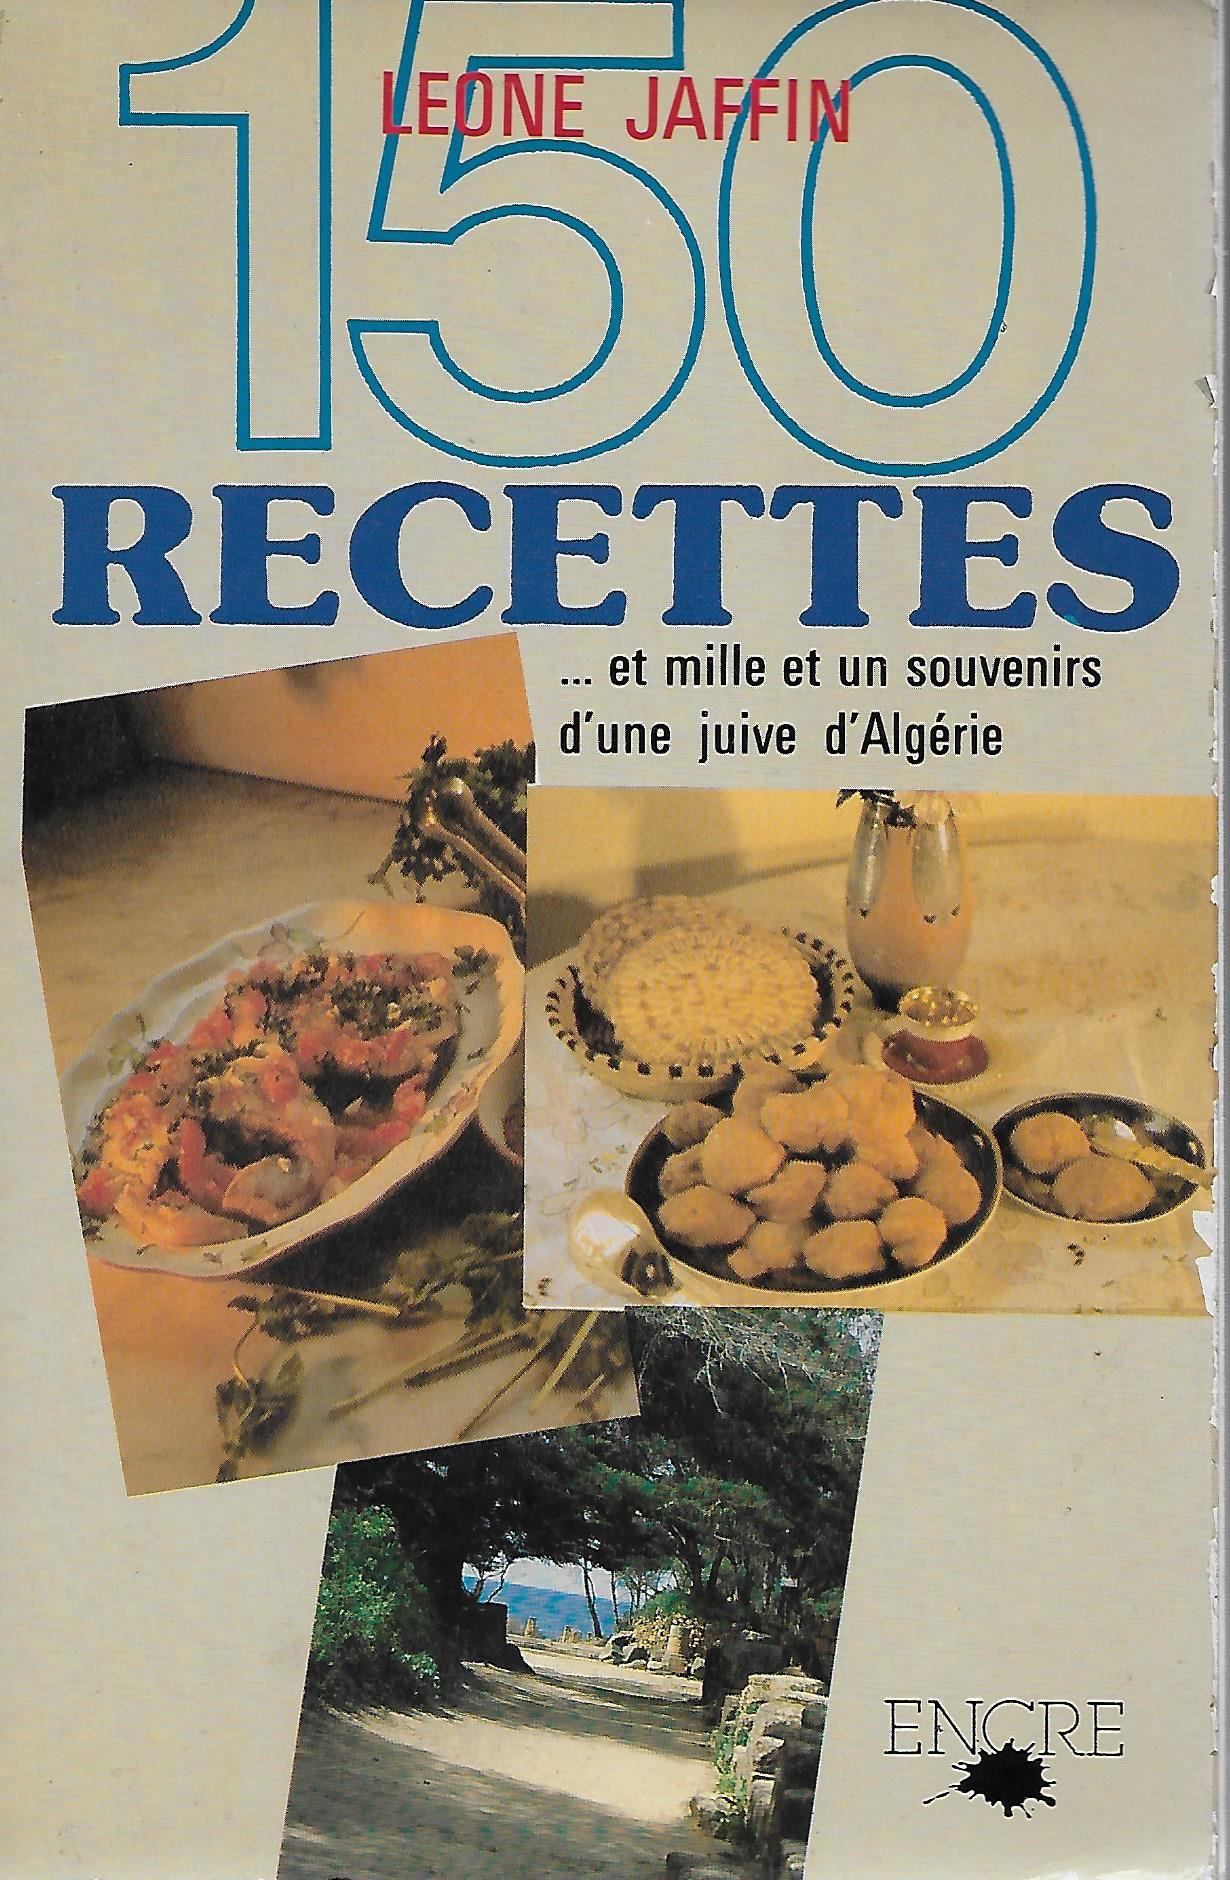 150 recettes et mille et un souvenirs d'une juive d'Algérie